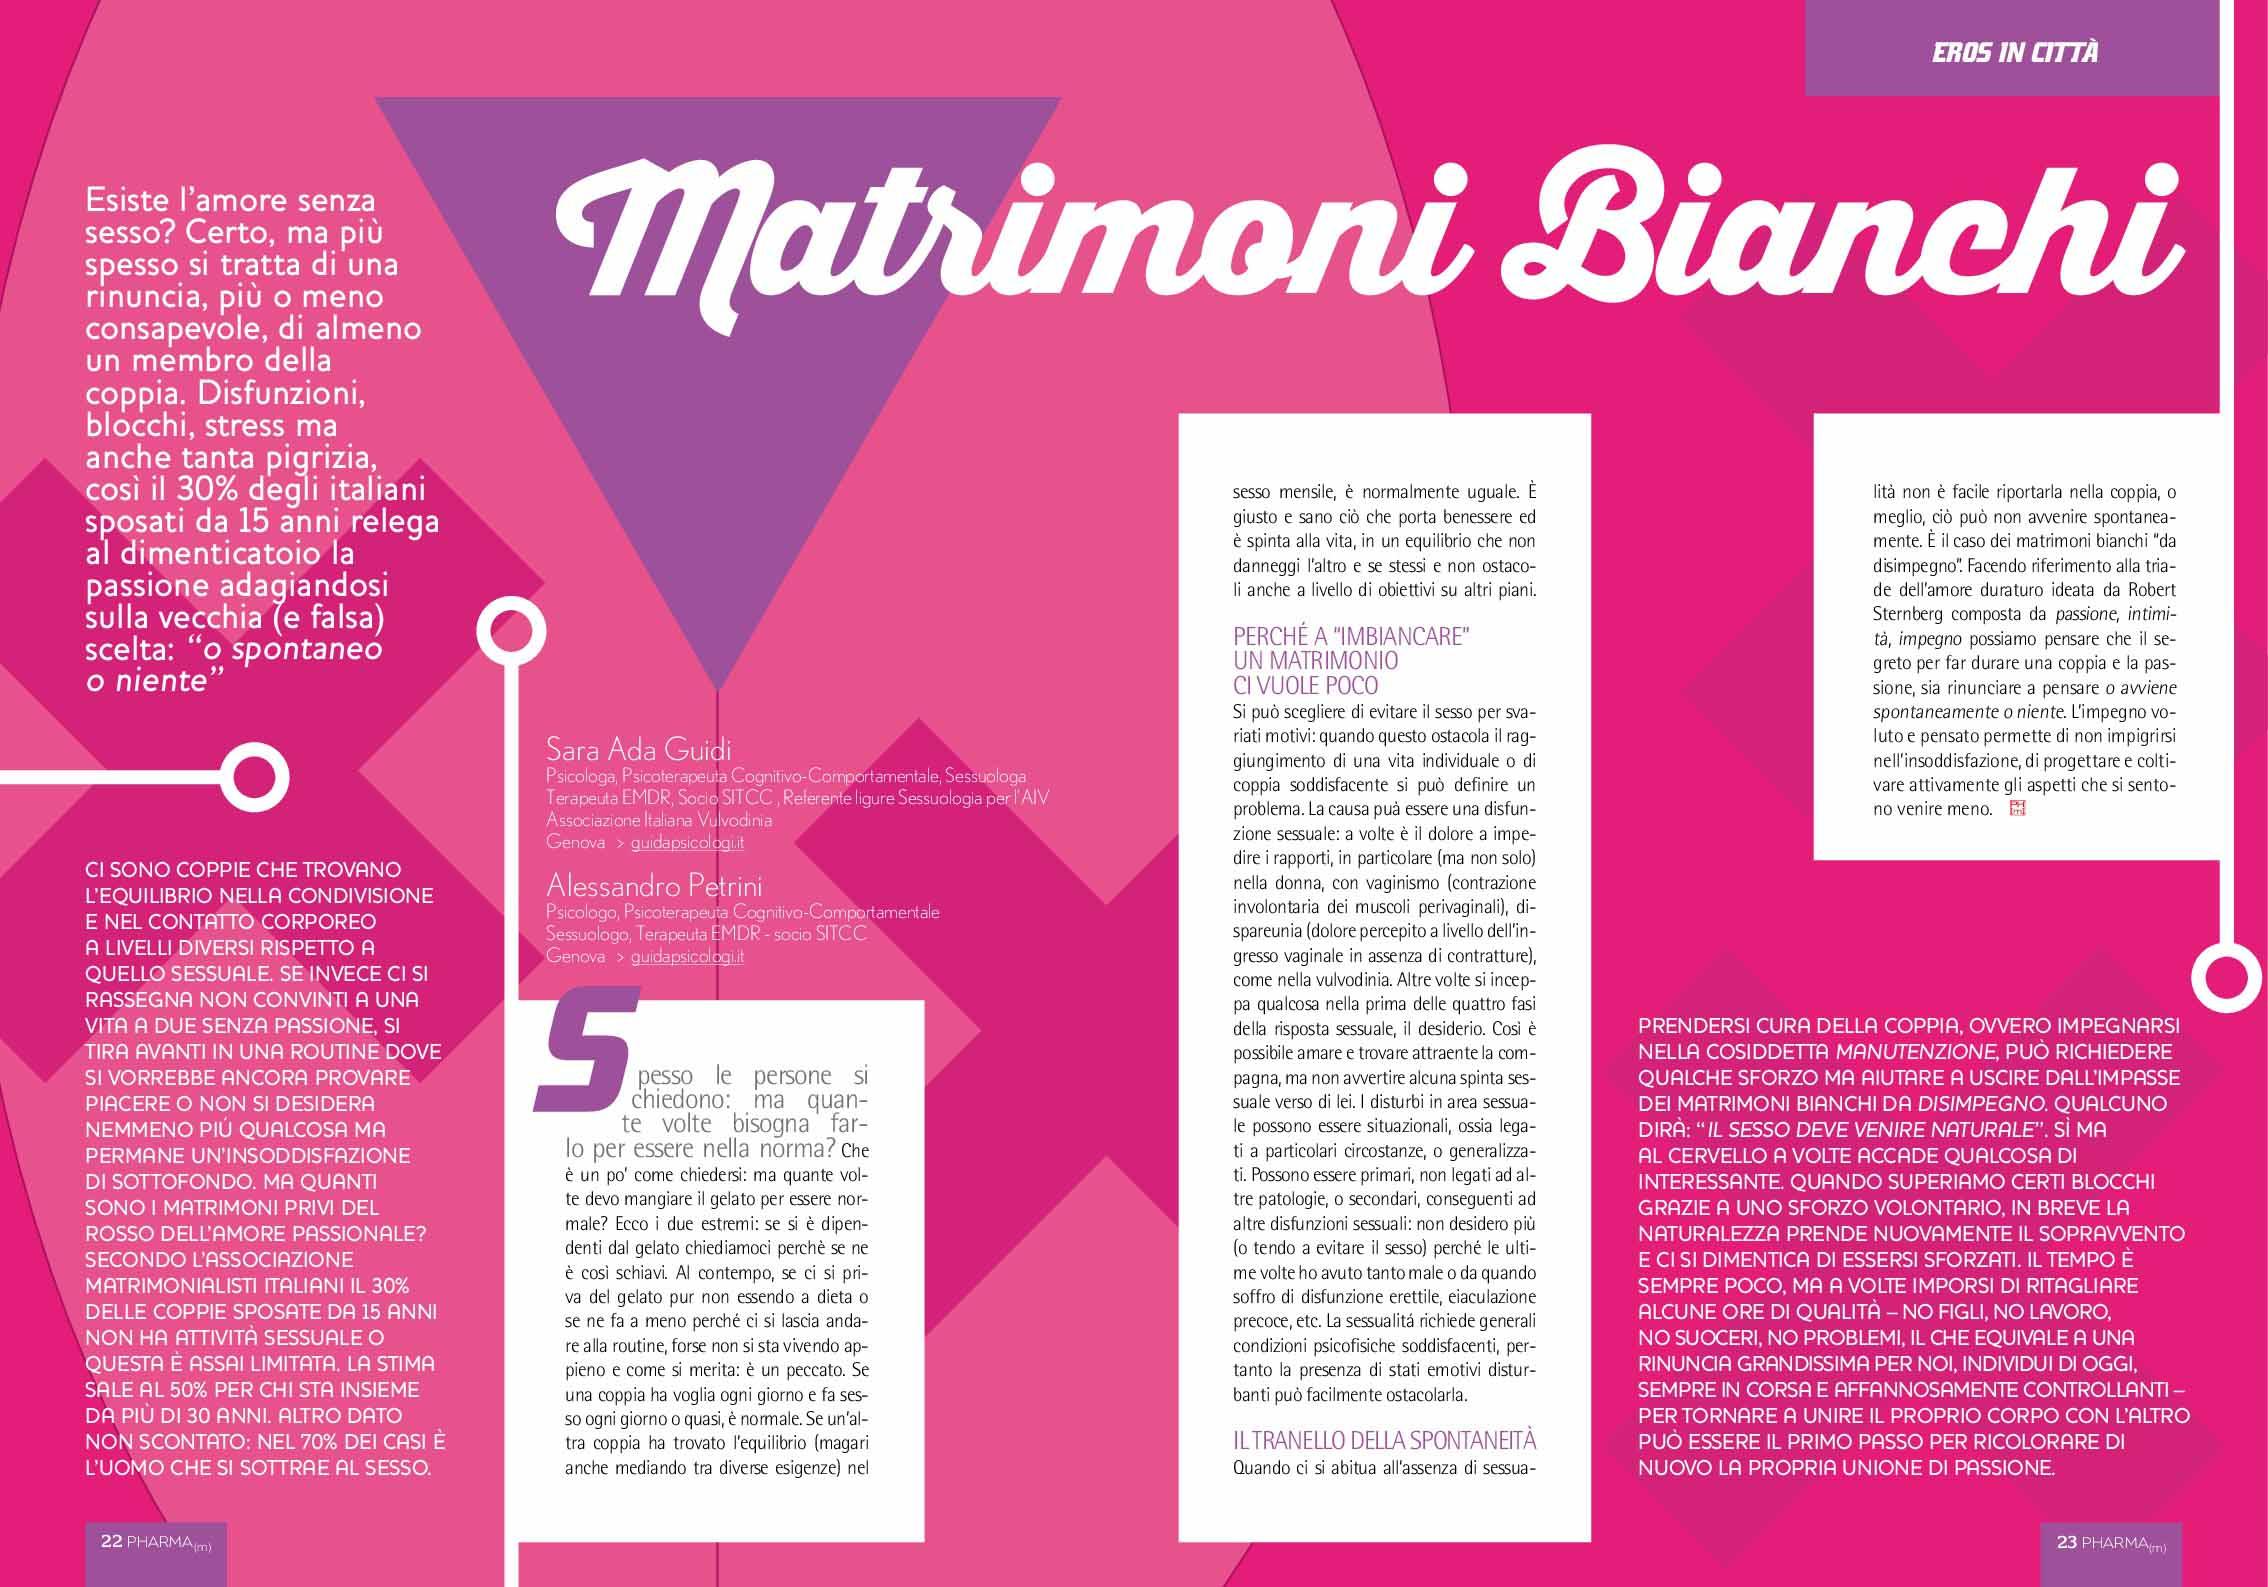 Articolo sui Matrimoni Bianchi, scritto dal dott.ssa Sara Ada Guidi e dal dott. Alessandro Petrini, uscito su rivista Pharmamagazine nel 2015 per la rubrica Eros in città